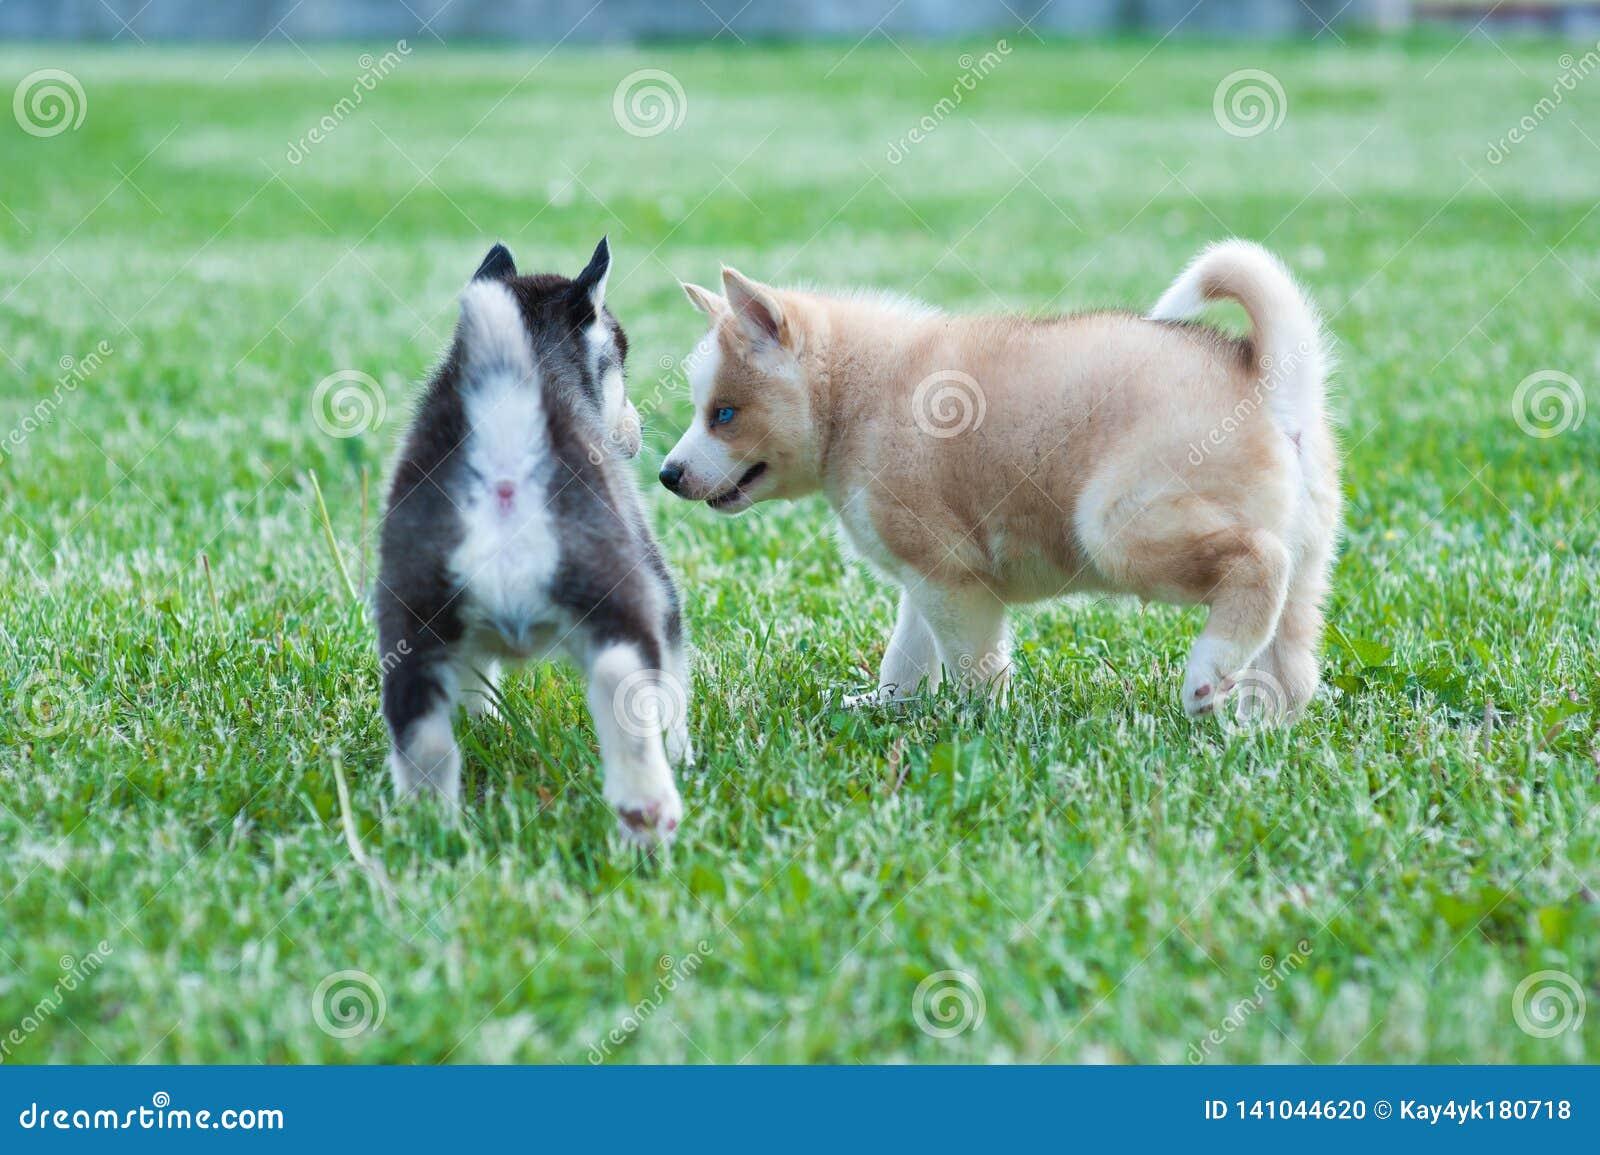 Черный сиплый щенок и коричневый друг, собаки на траве